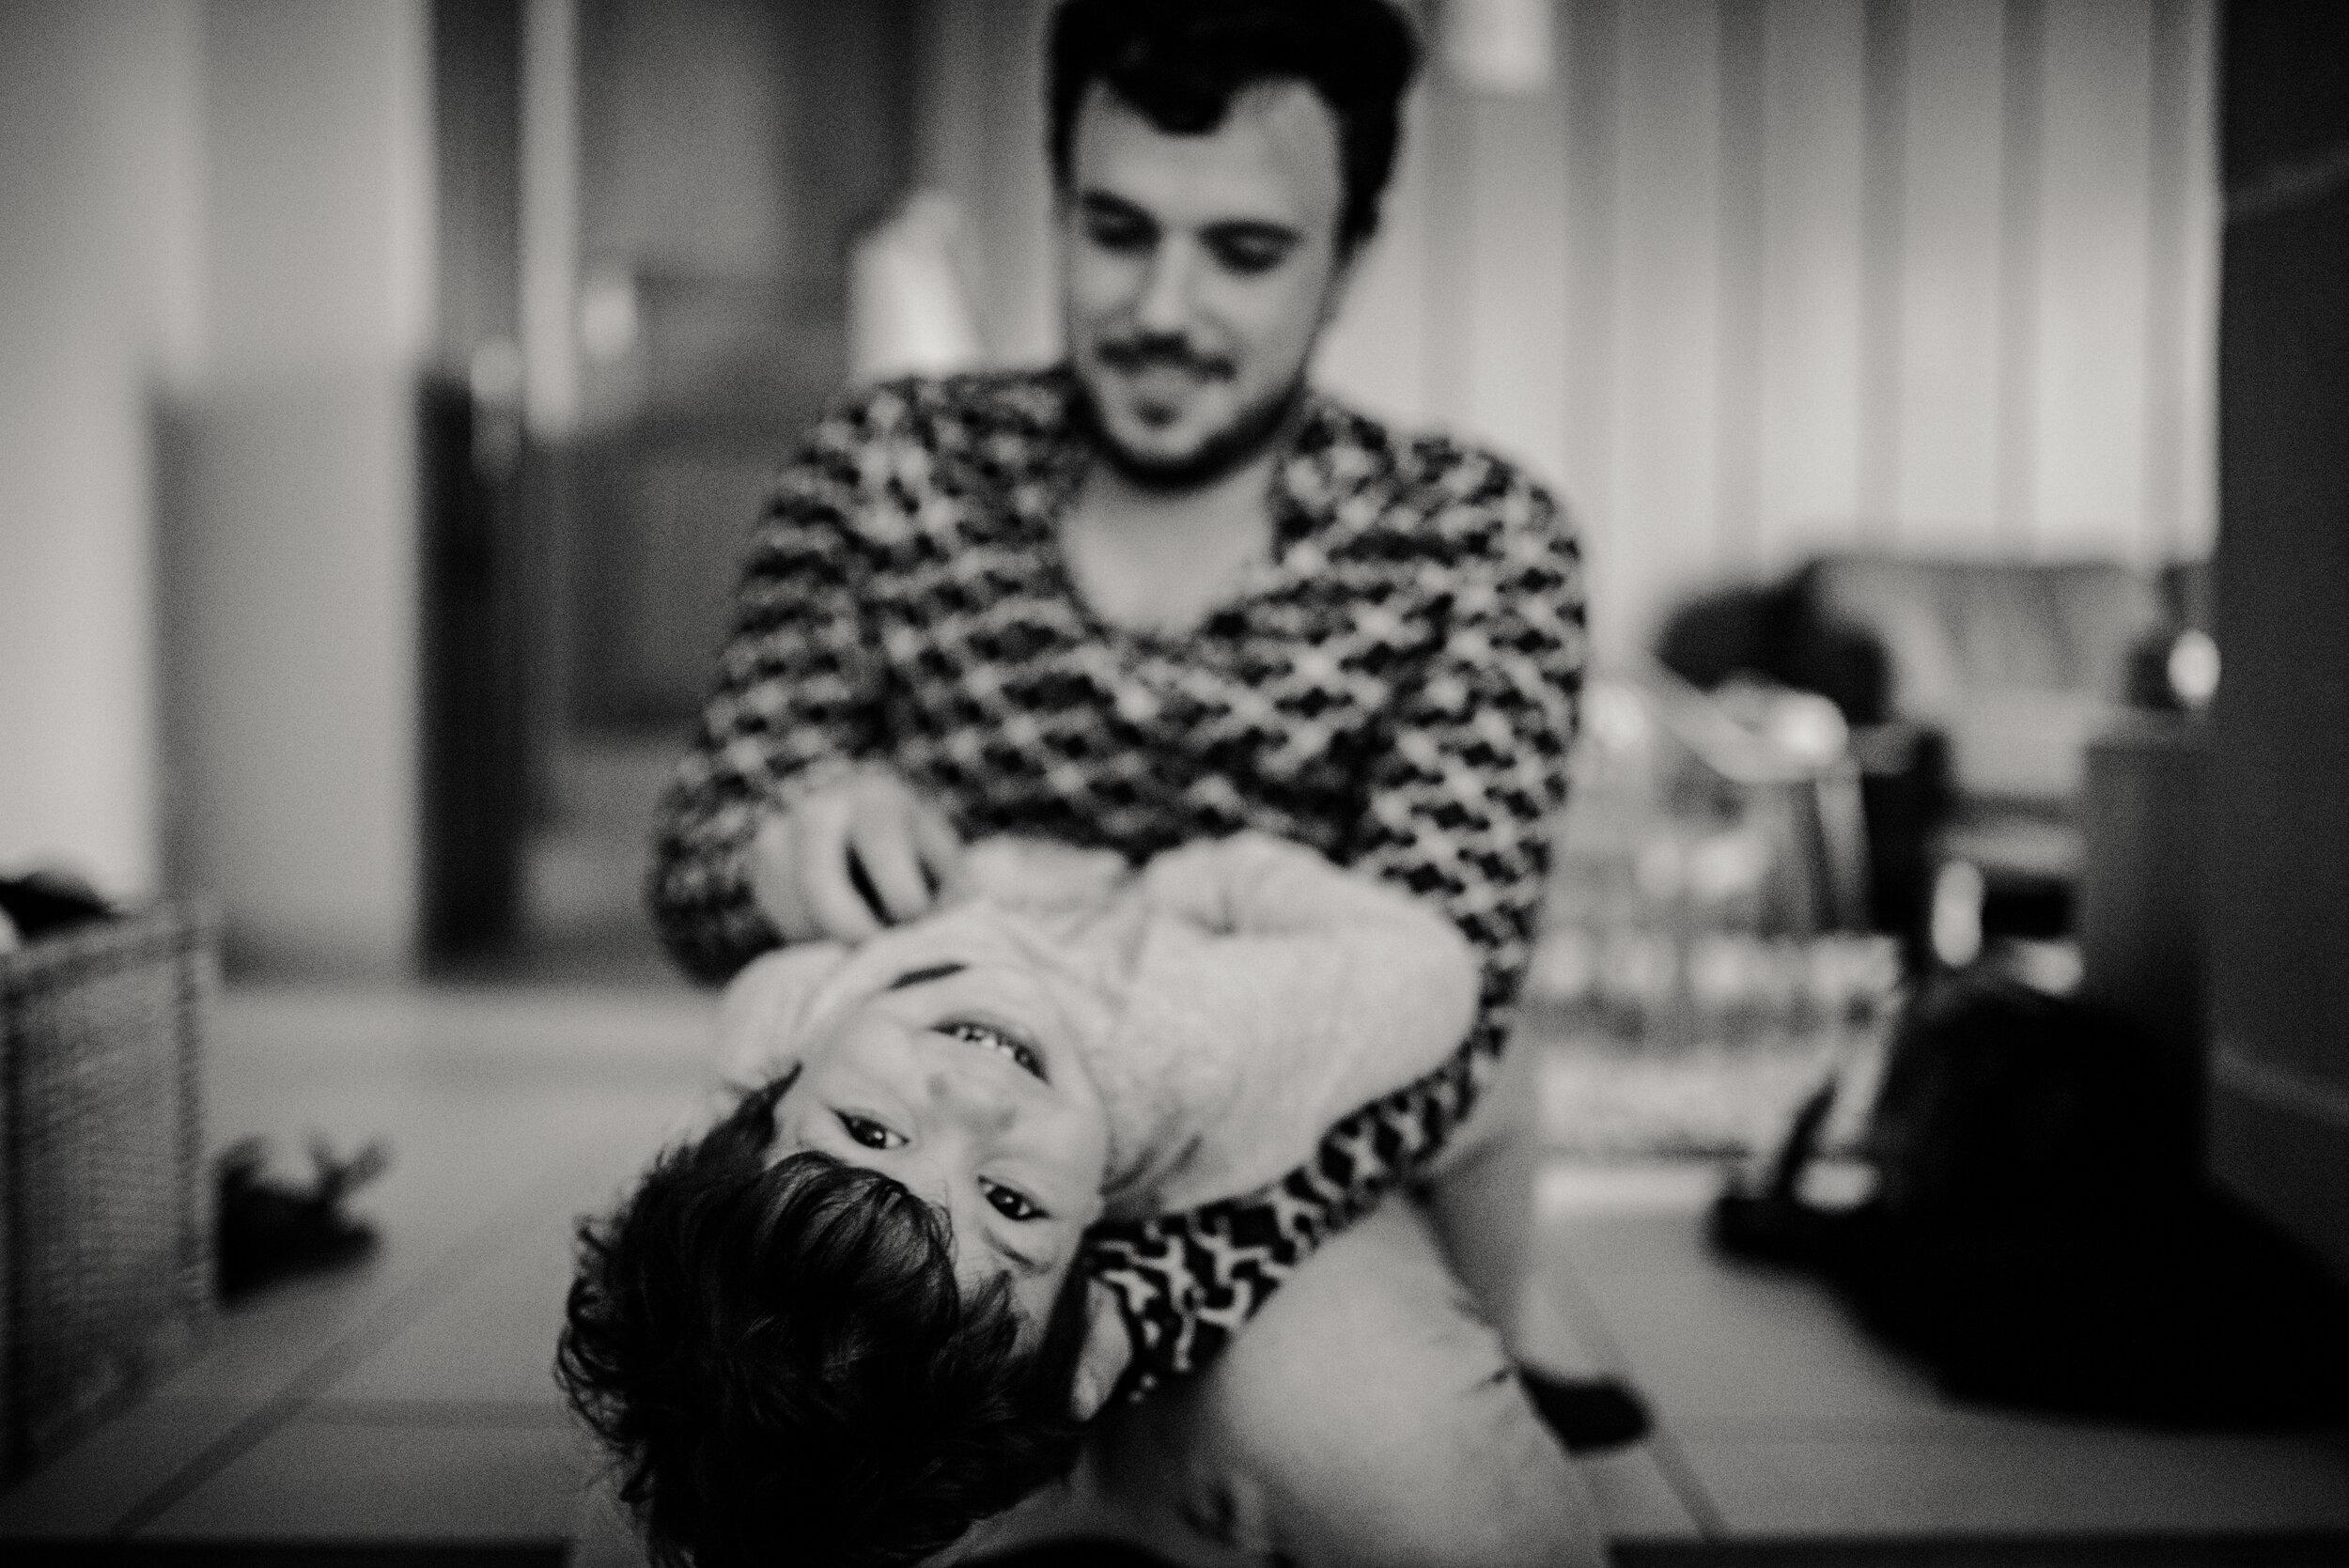 Léa-Fery-photographe-professionnel-lyon-rhone-alpes-portrait-creation-mariage-evenement-evenementiel-famille-9203.jpg